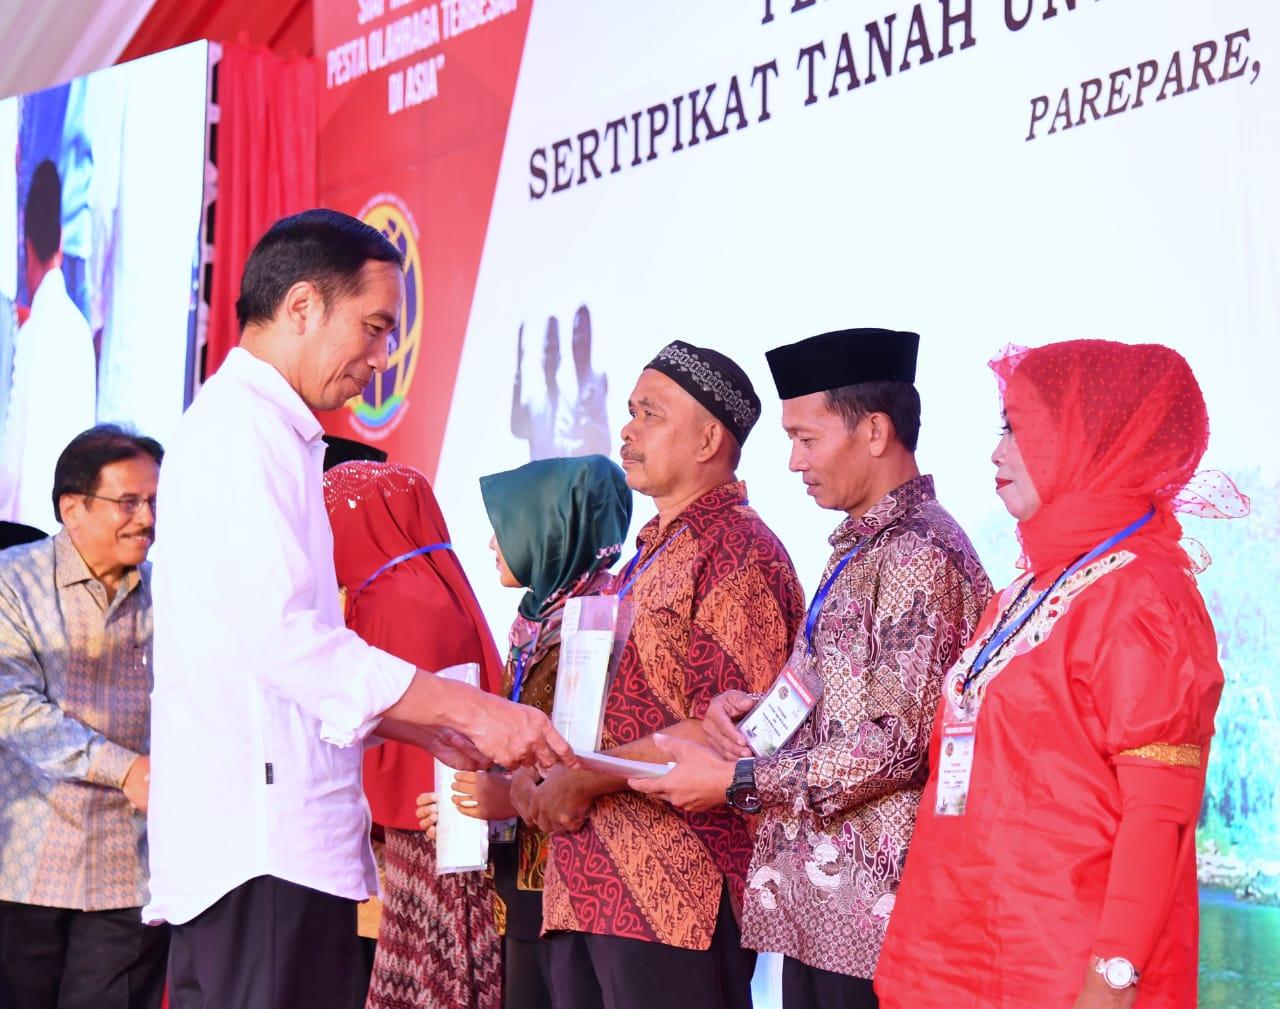 Jokowi Bagikan 5.000 Sertifikat untuk Warga Sulsel